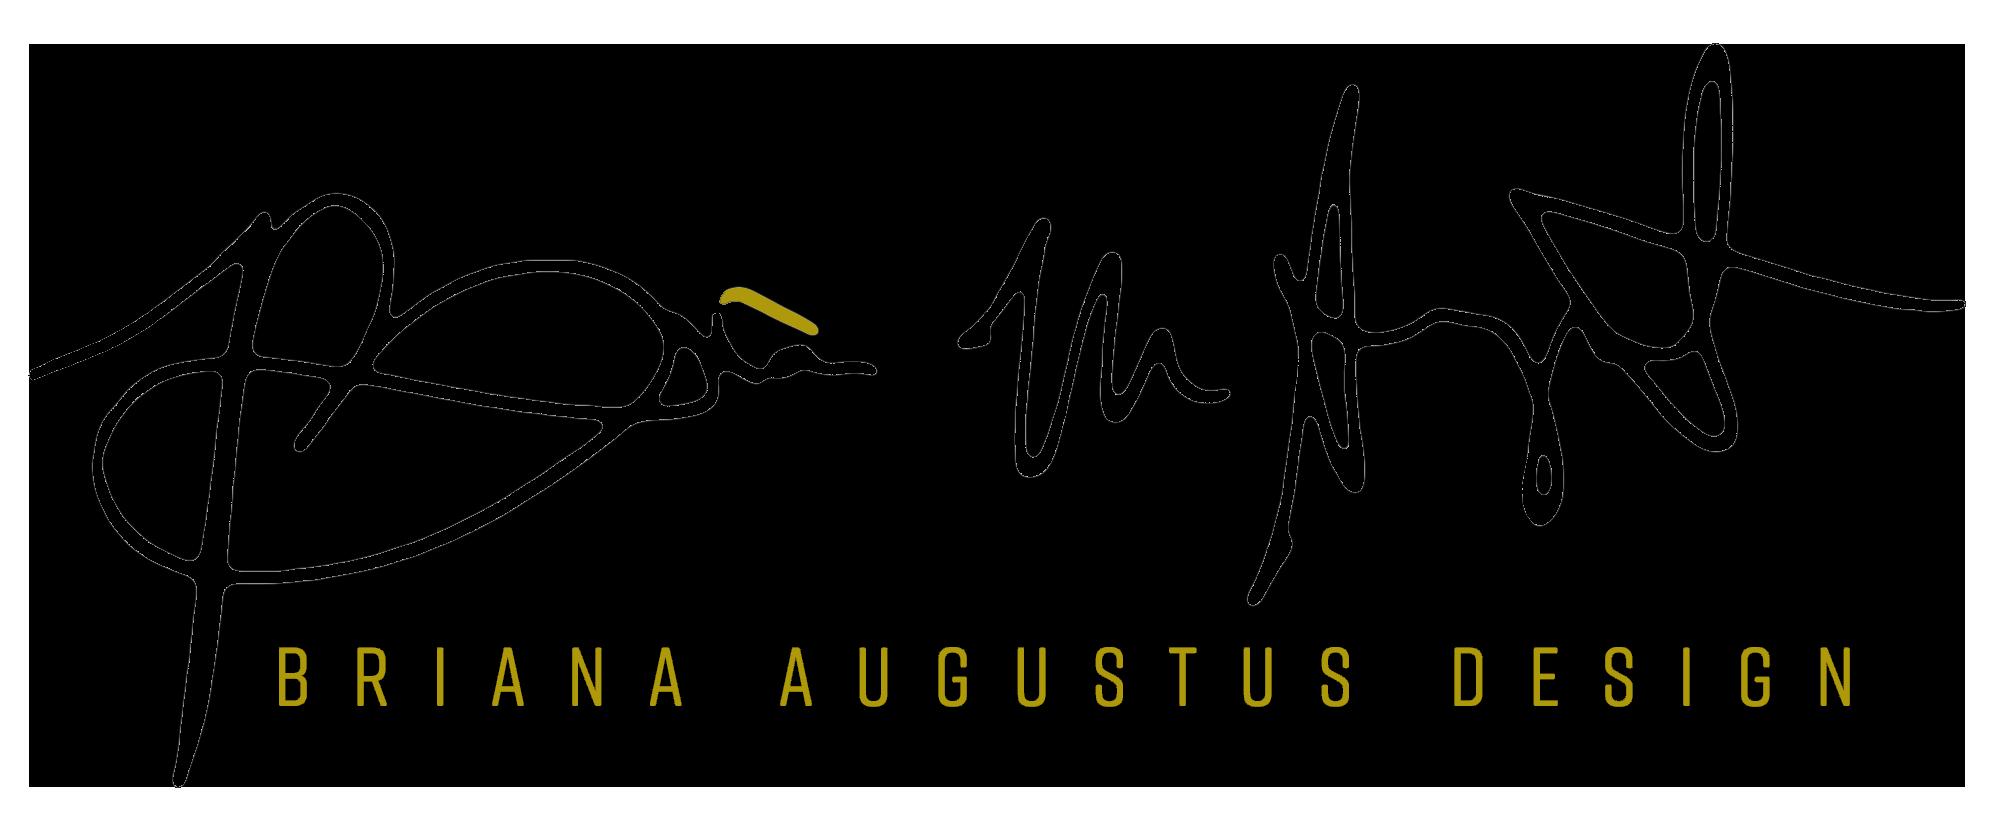 Briana Augustus Design